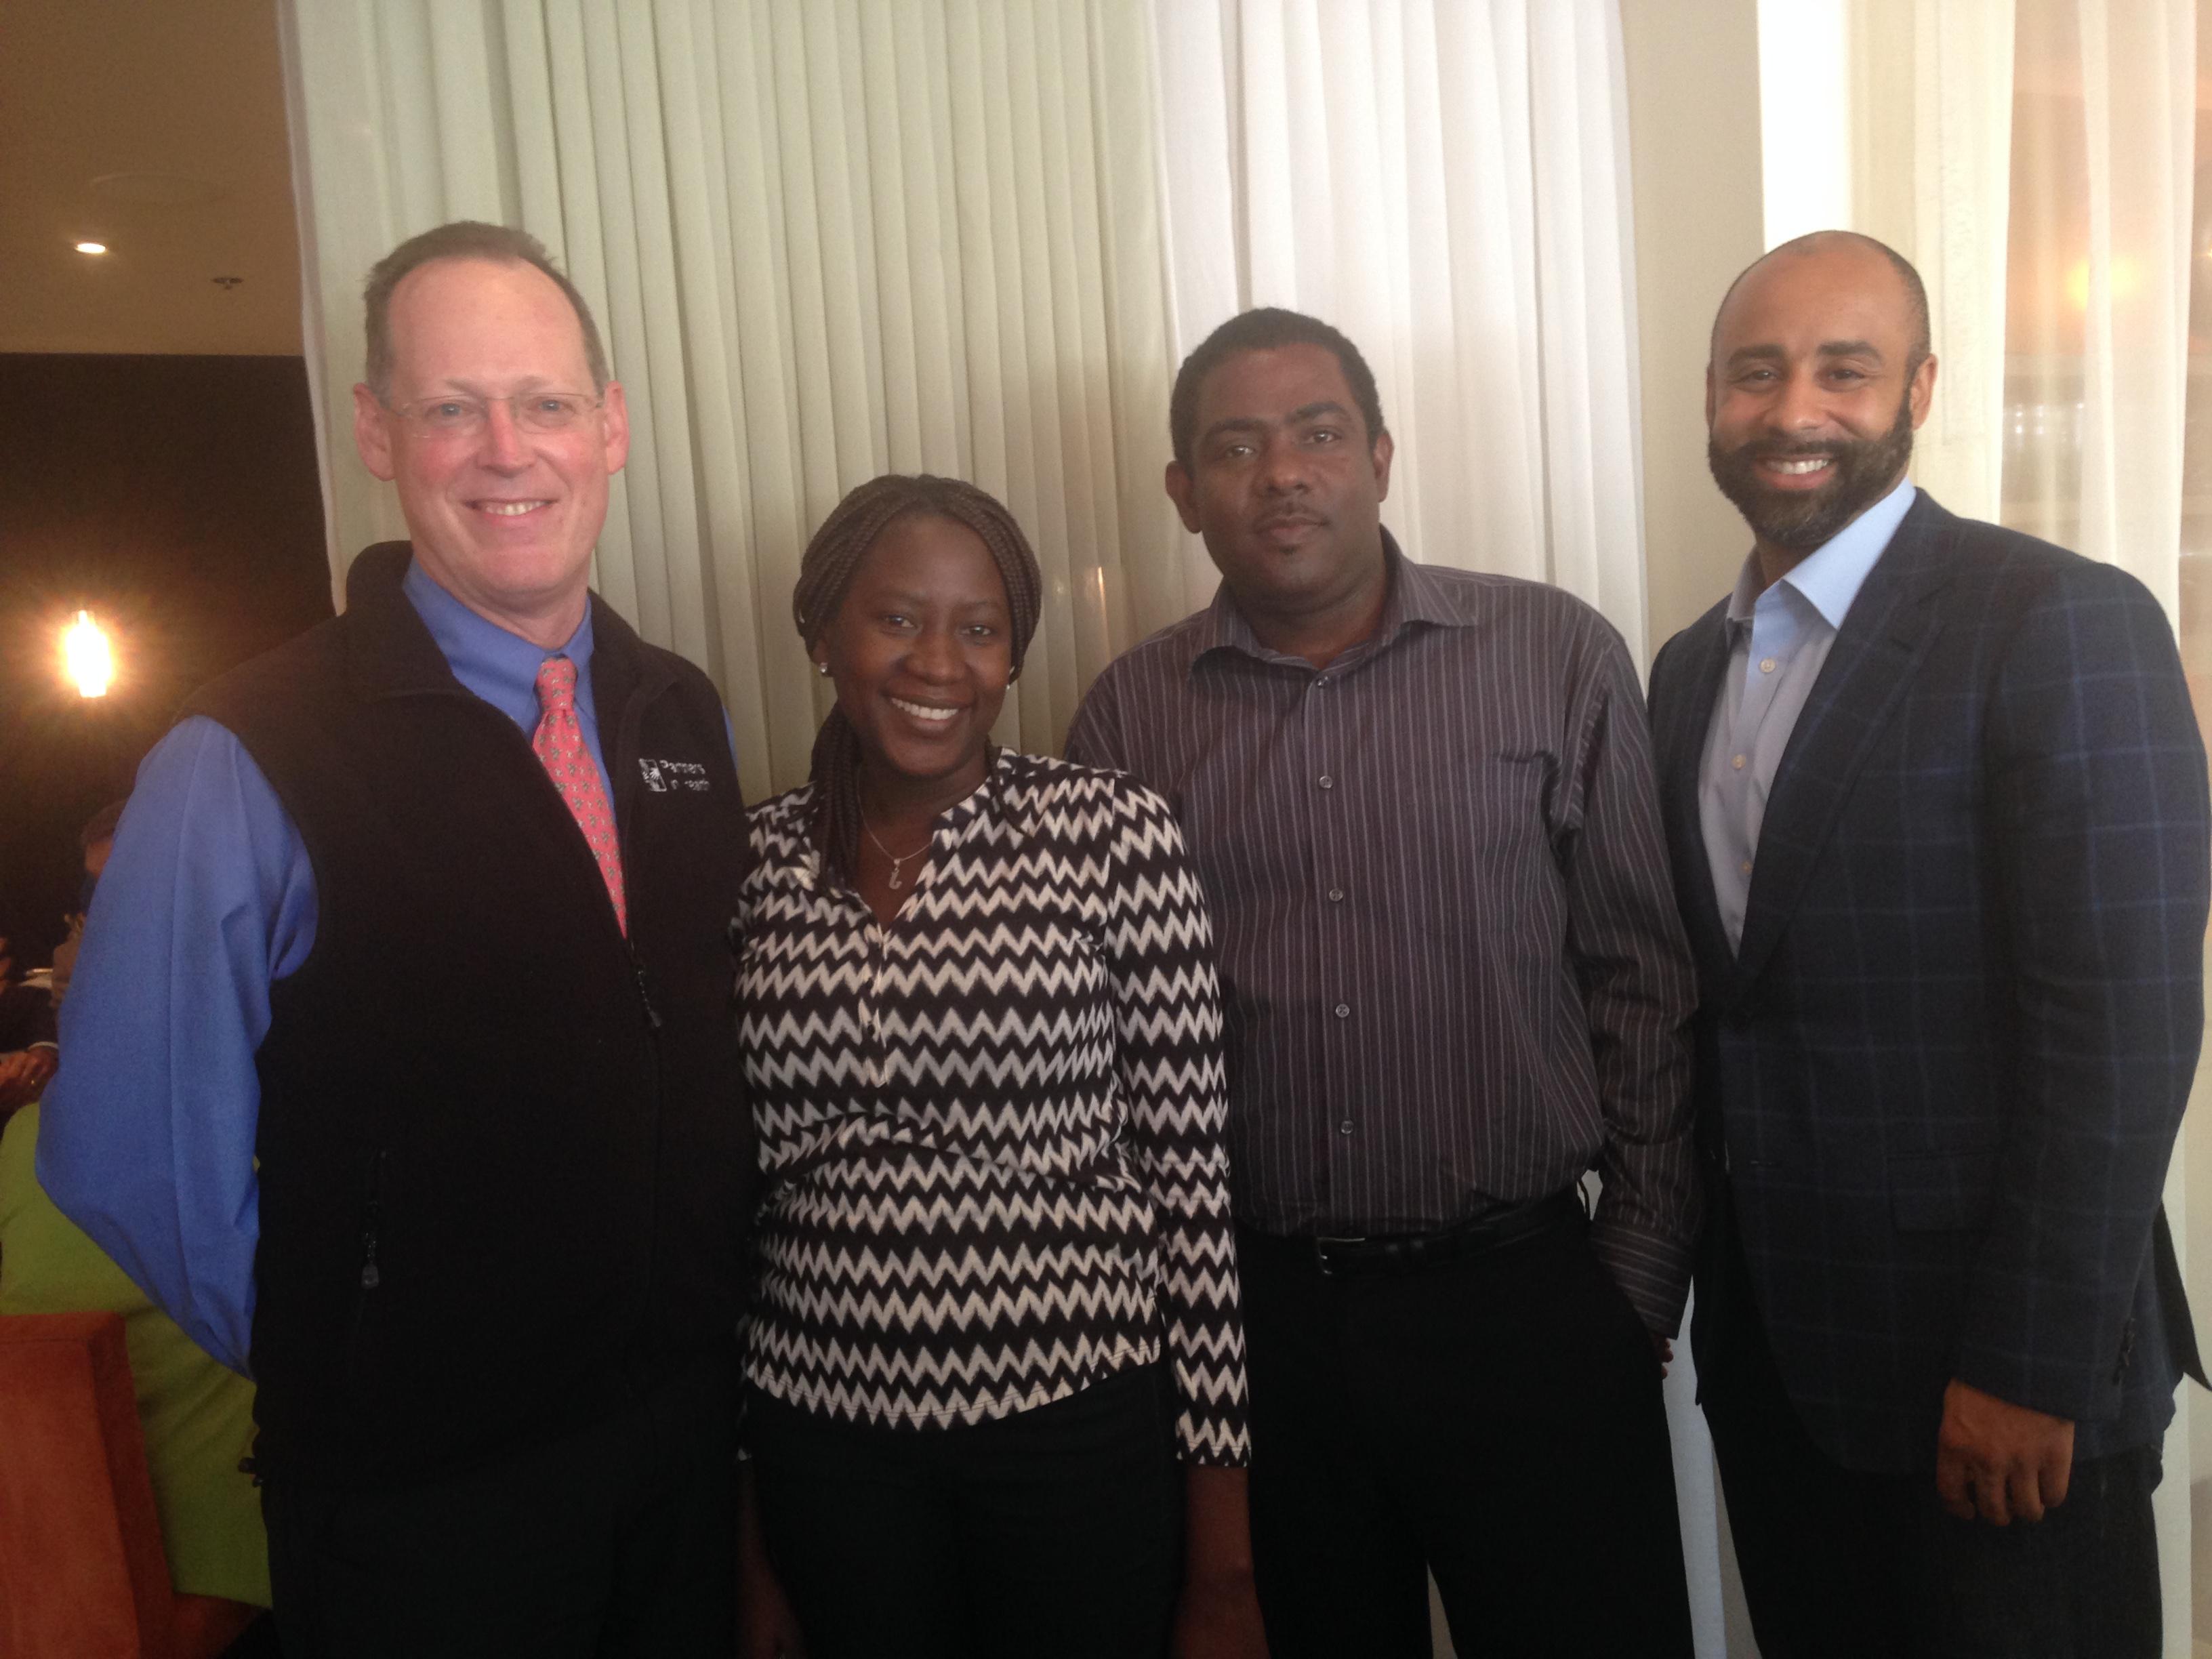 From left: Paul Farmer, Walton Fellows Jasmine Valcourt and Arklin Dumeny, and David Walton